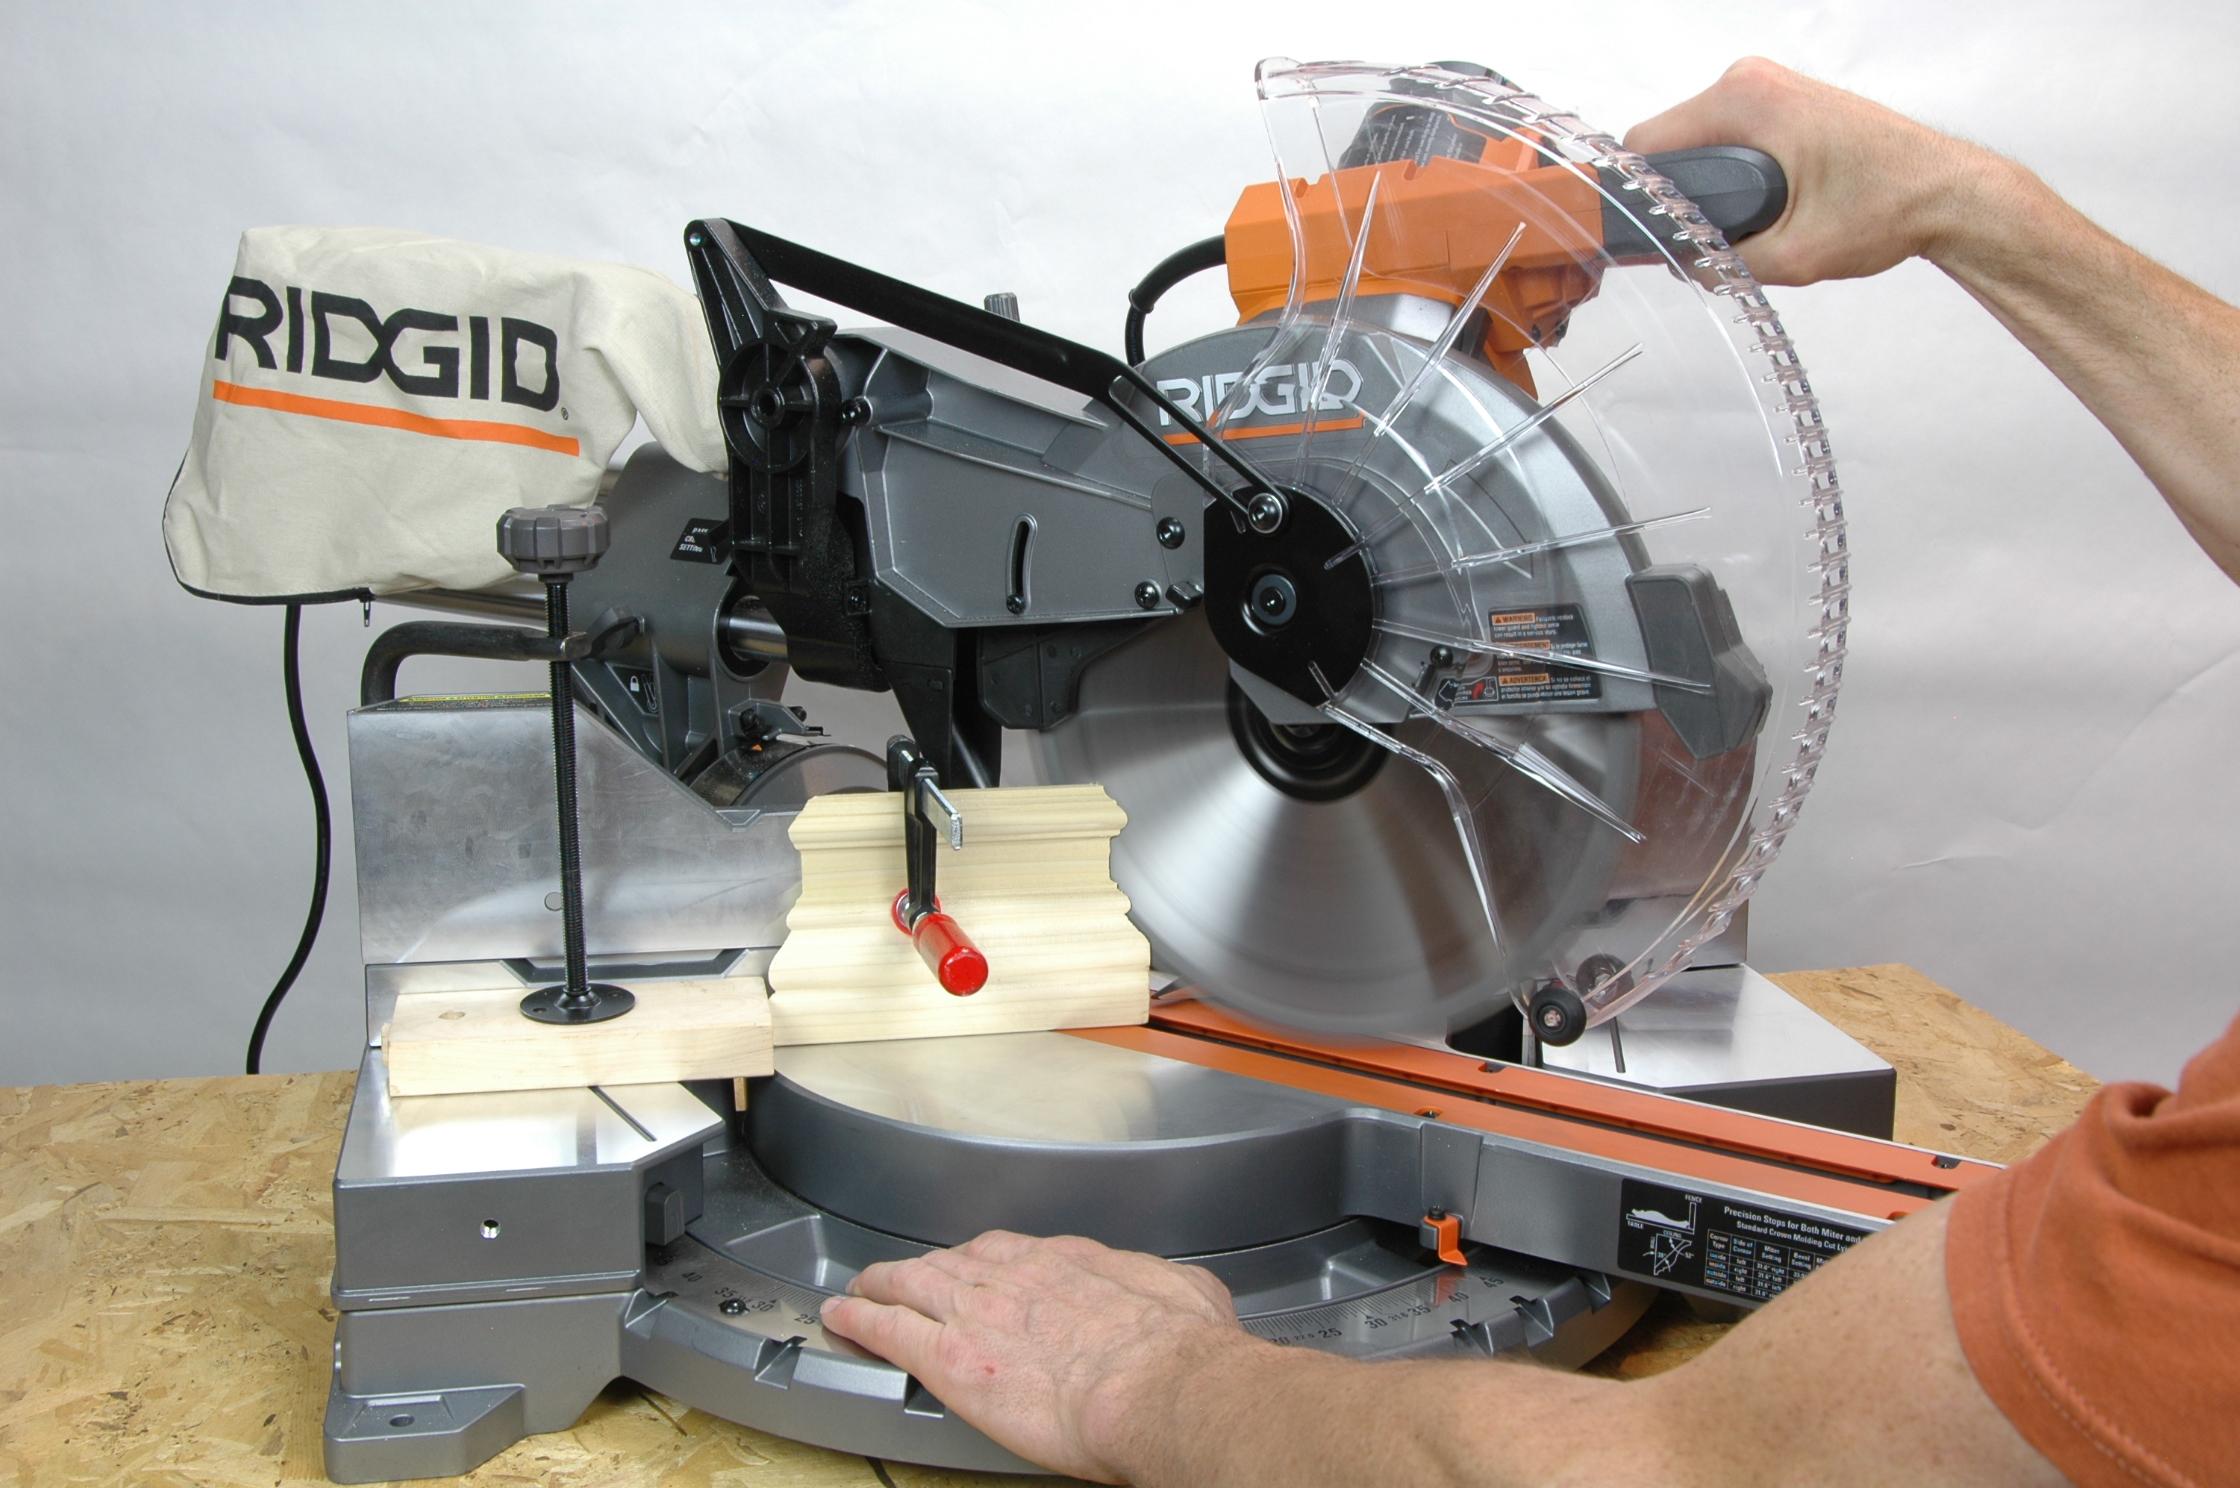 Use las herramientas eléctricas de manera segura RIDGID